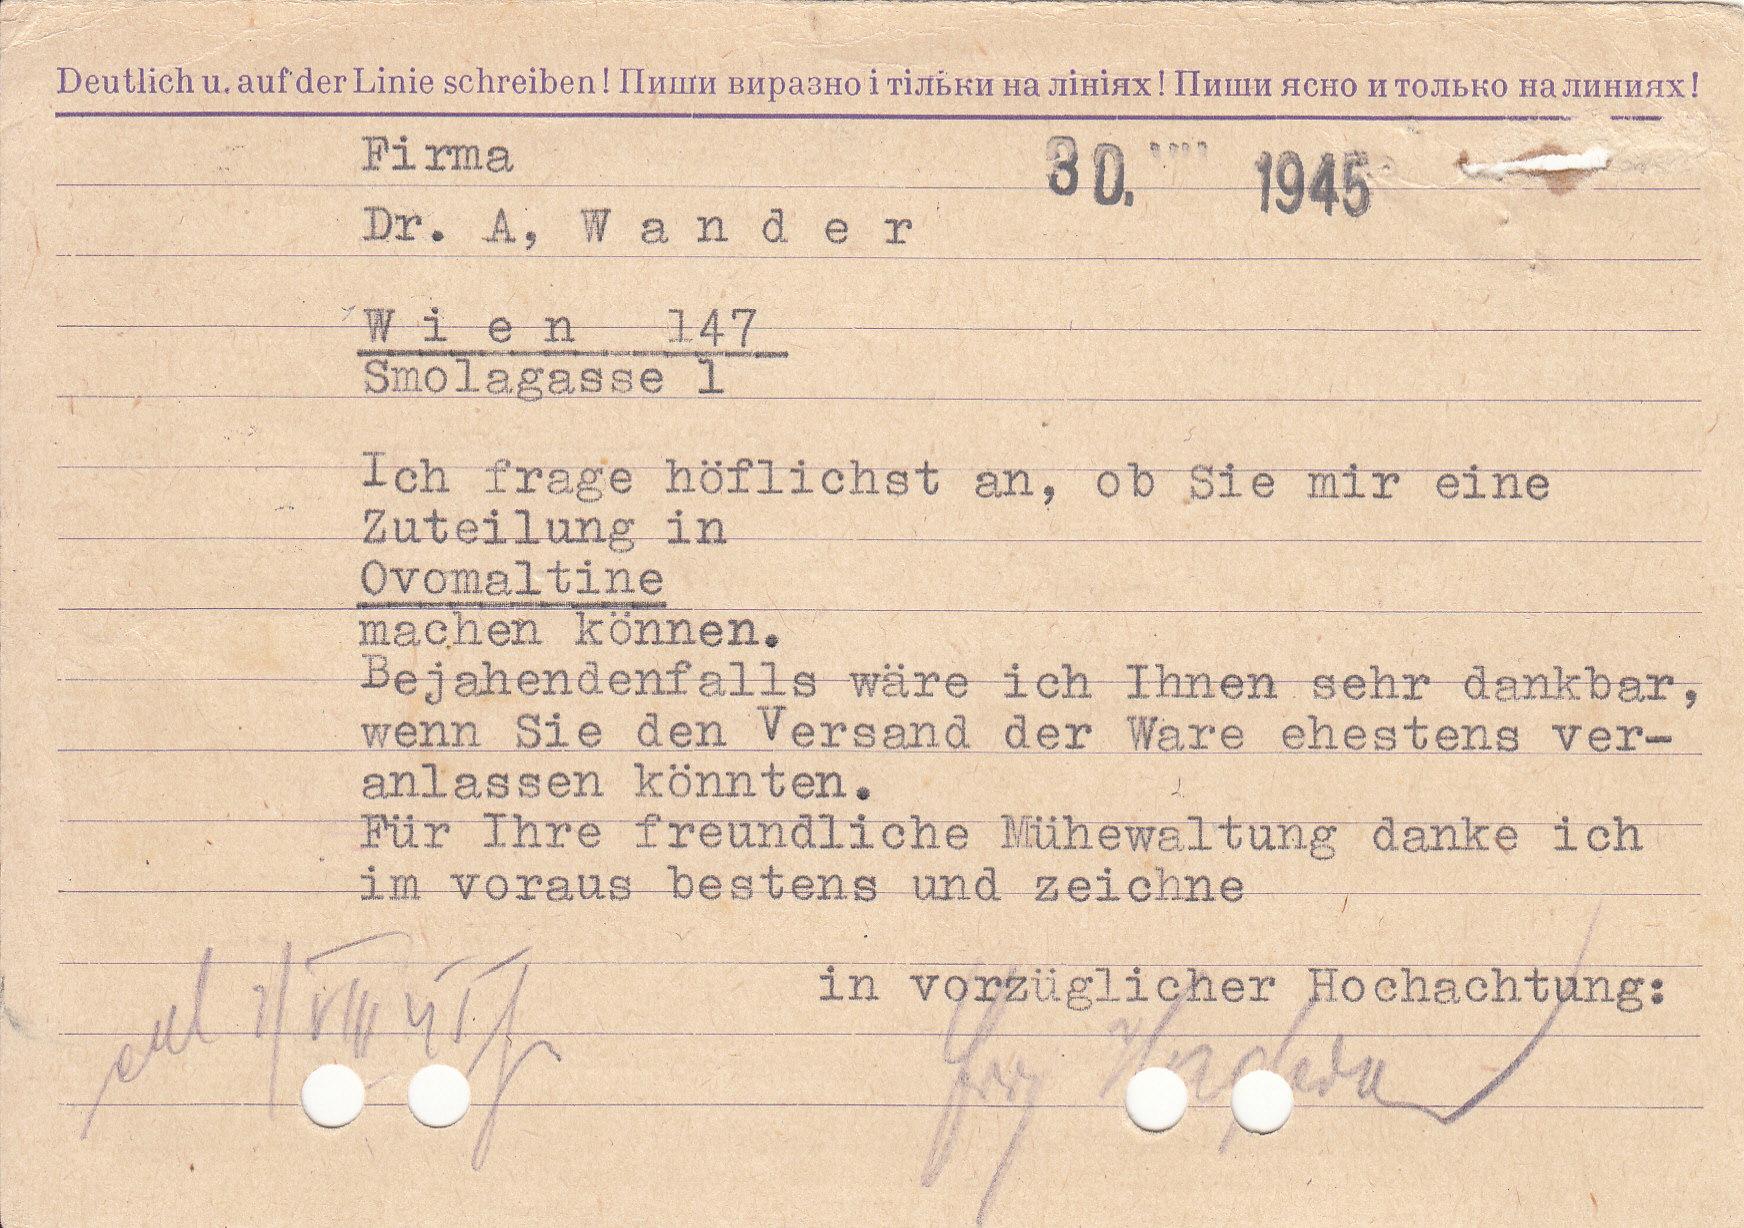 Notmaßnahmen und Provisorien bei Postkarten 1945-1948 - Seite 2 Img_0306